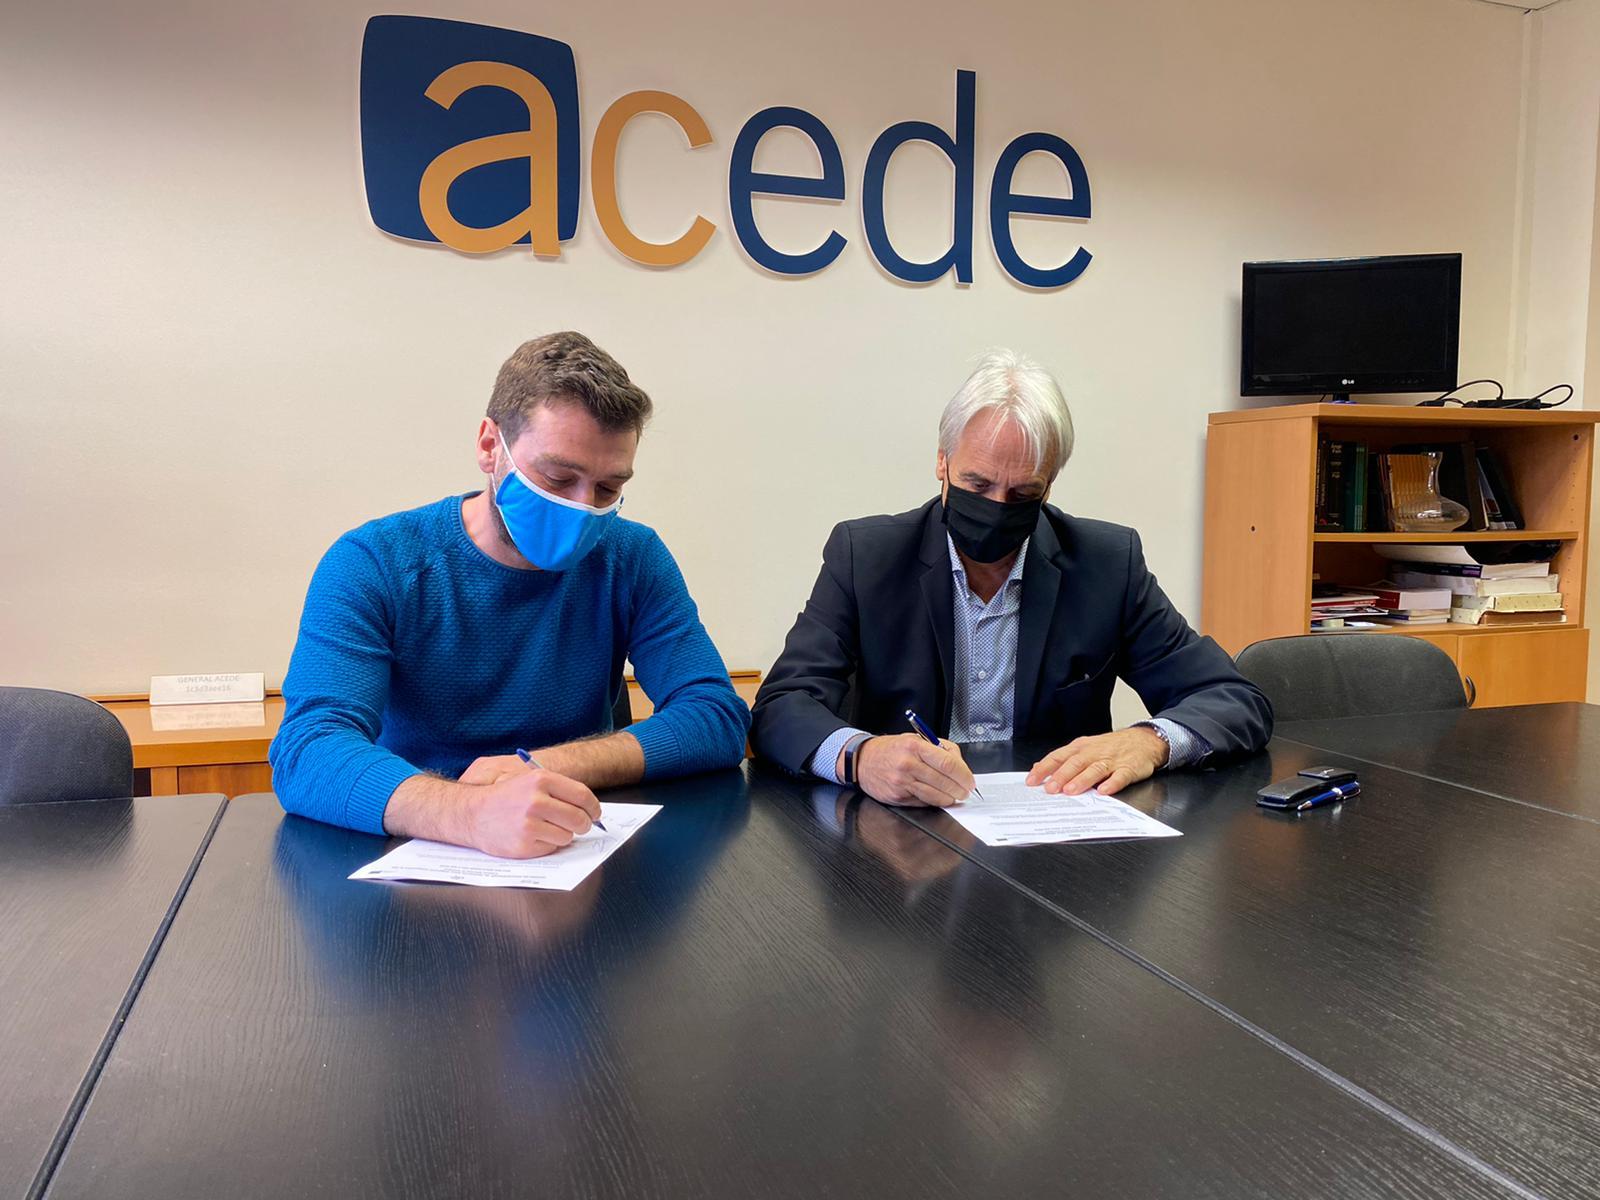 Coach Consulting i ACEDE signen un acord col·laboratiu per a desenvolupar el projecte MILE